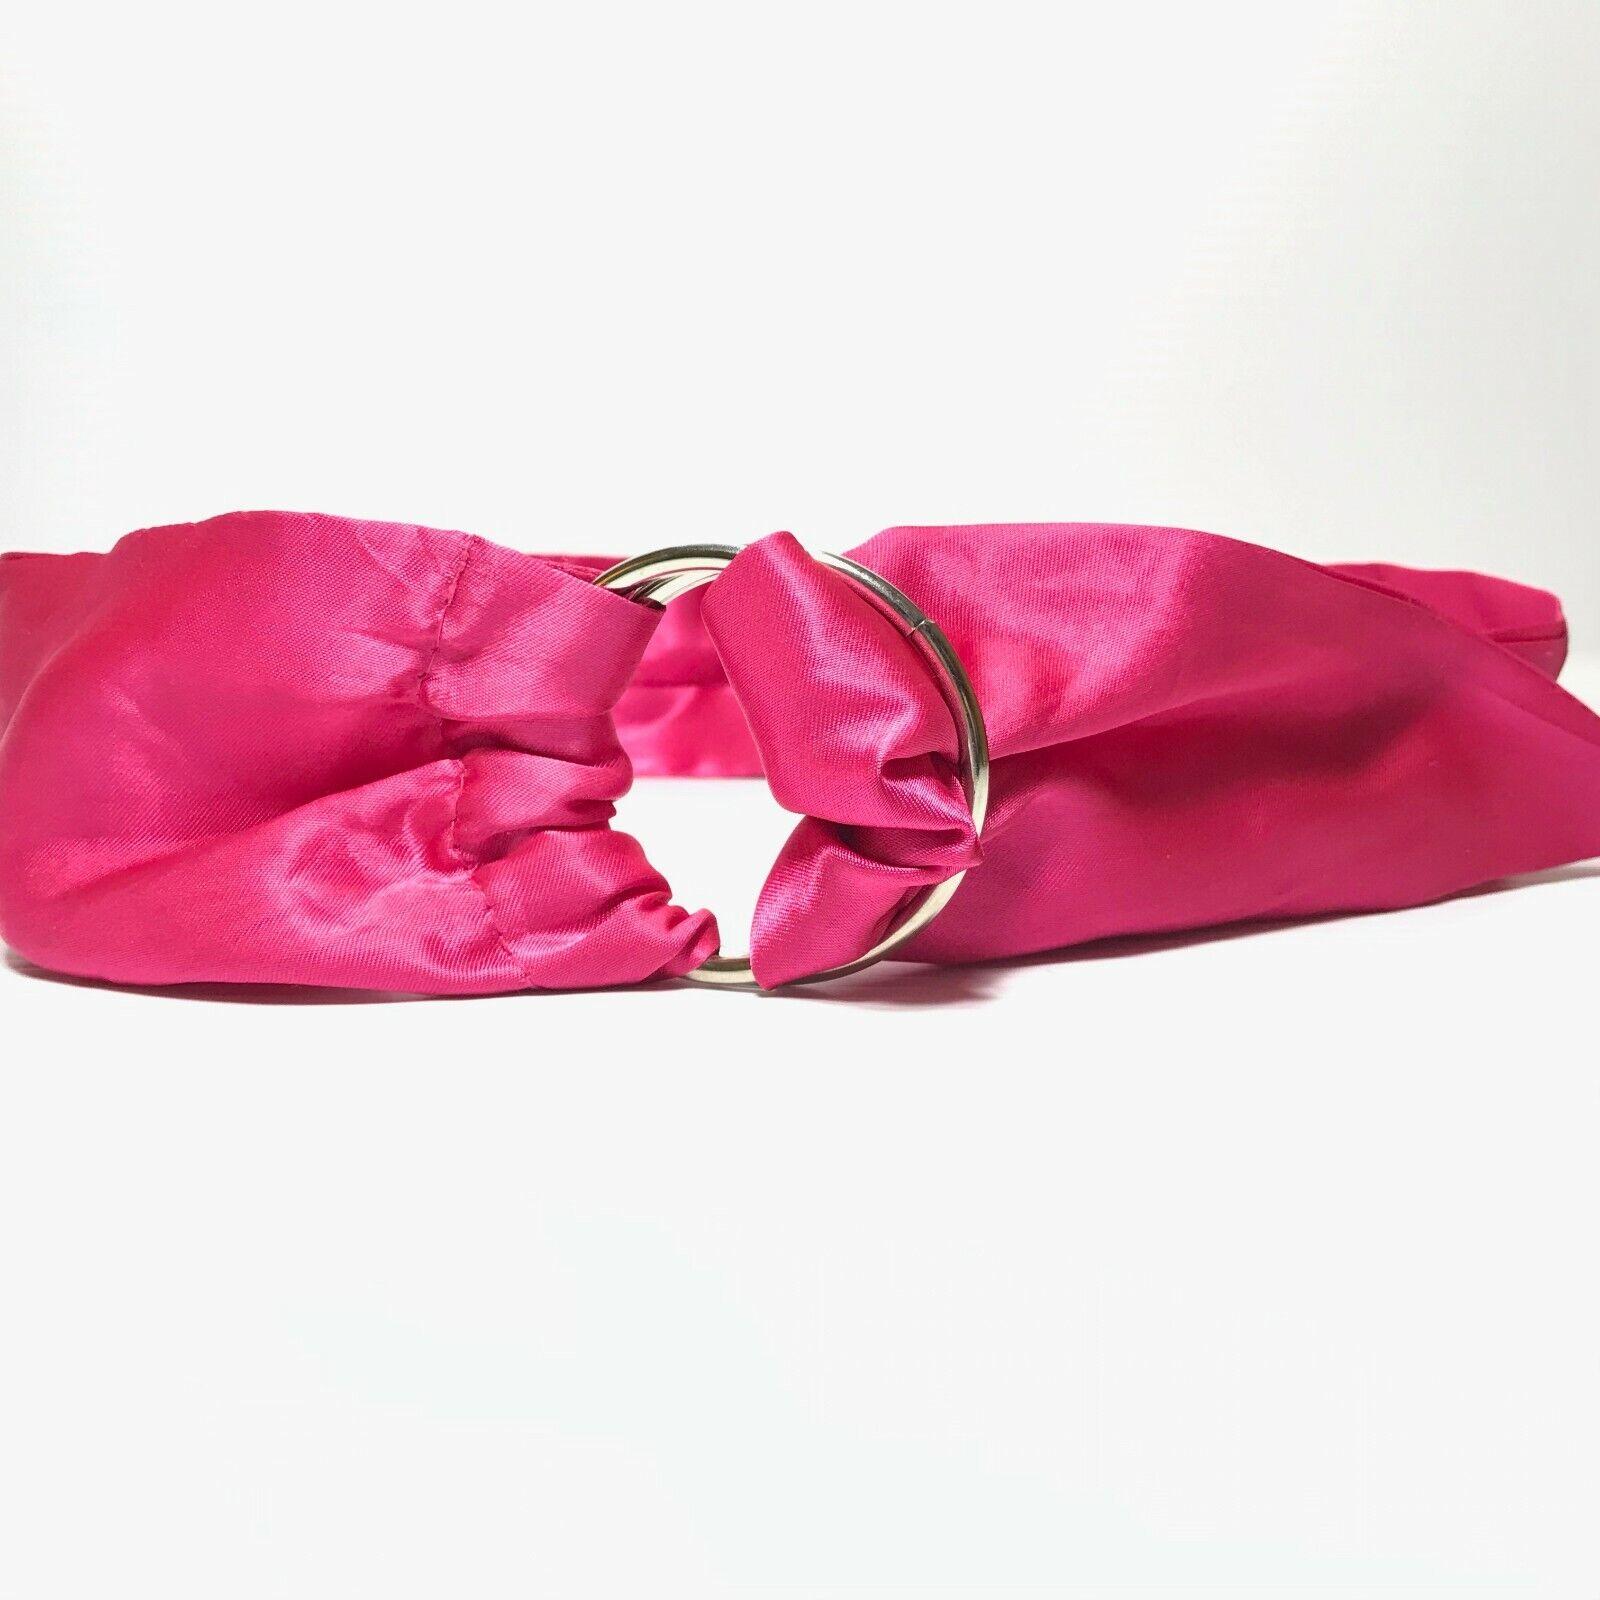 Women's Vintage Hot Pink Wide Sash D Ring Belt Si… - image 2